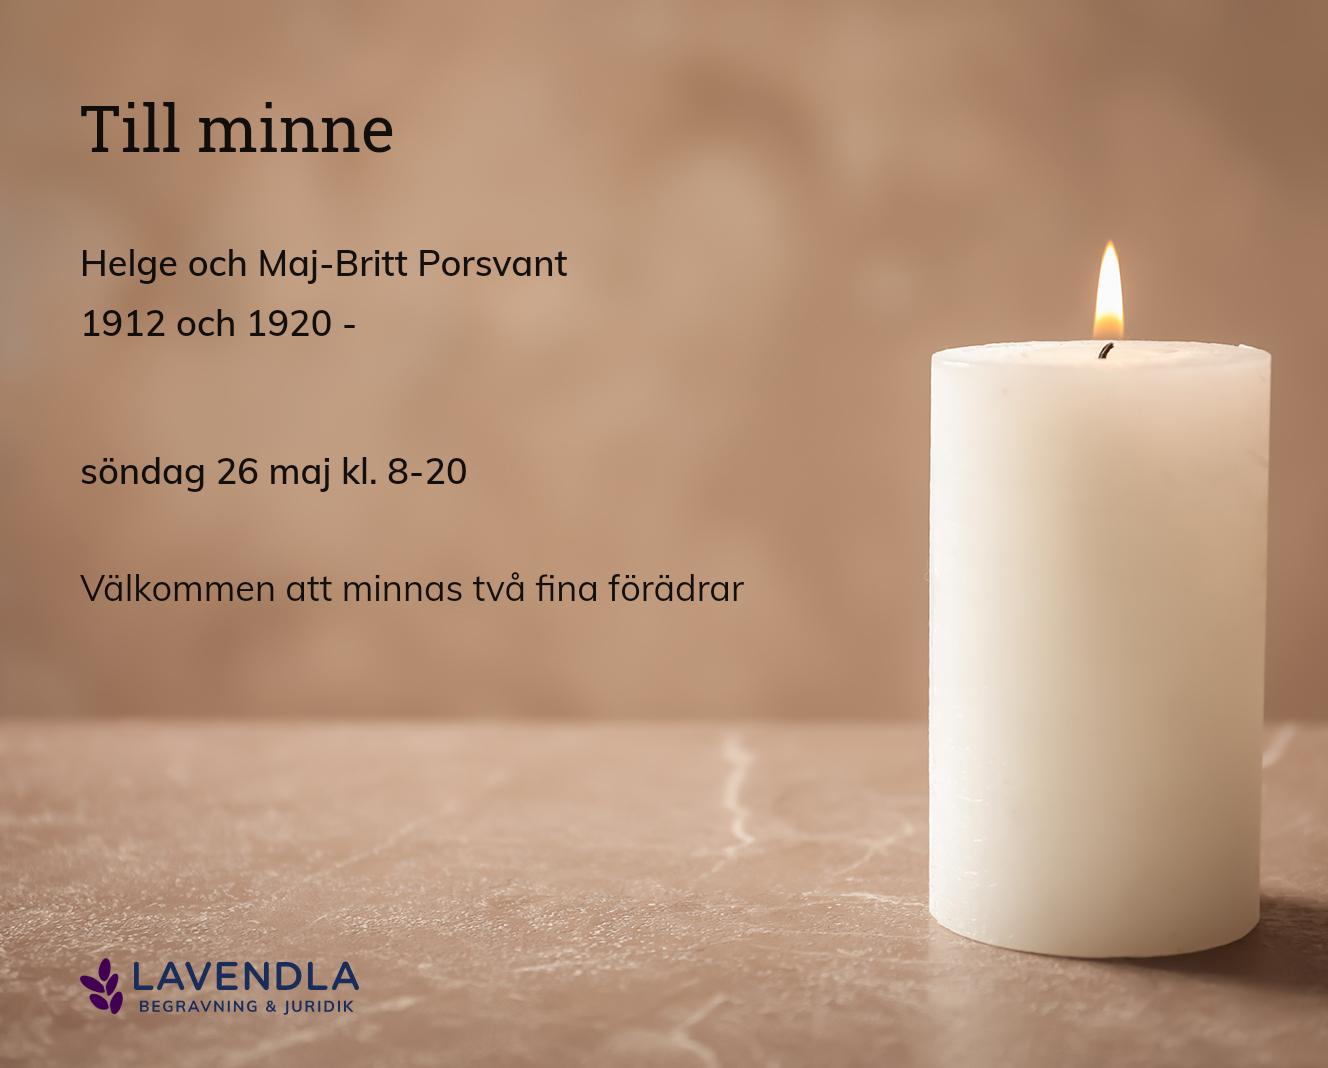 Inbjudningskort till ceremonin för Helge och Maj-Britt Porsvant